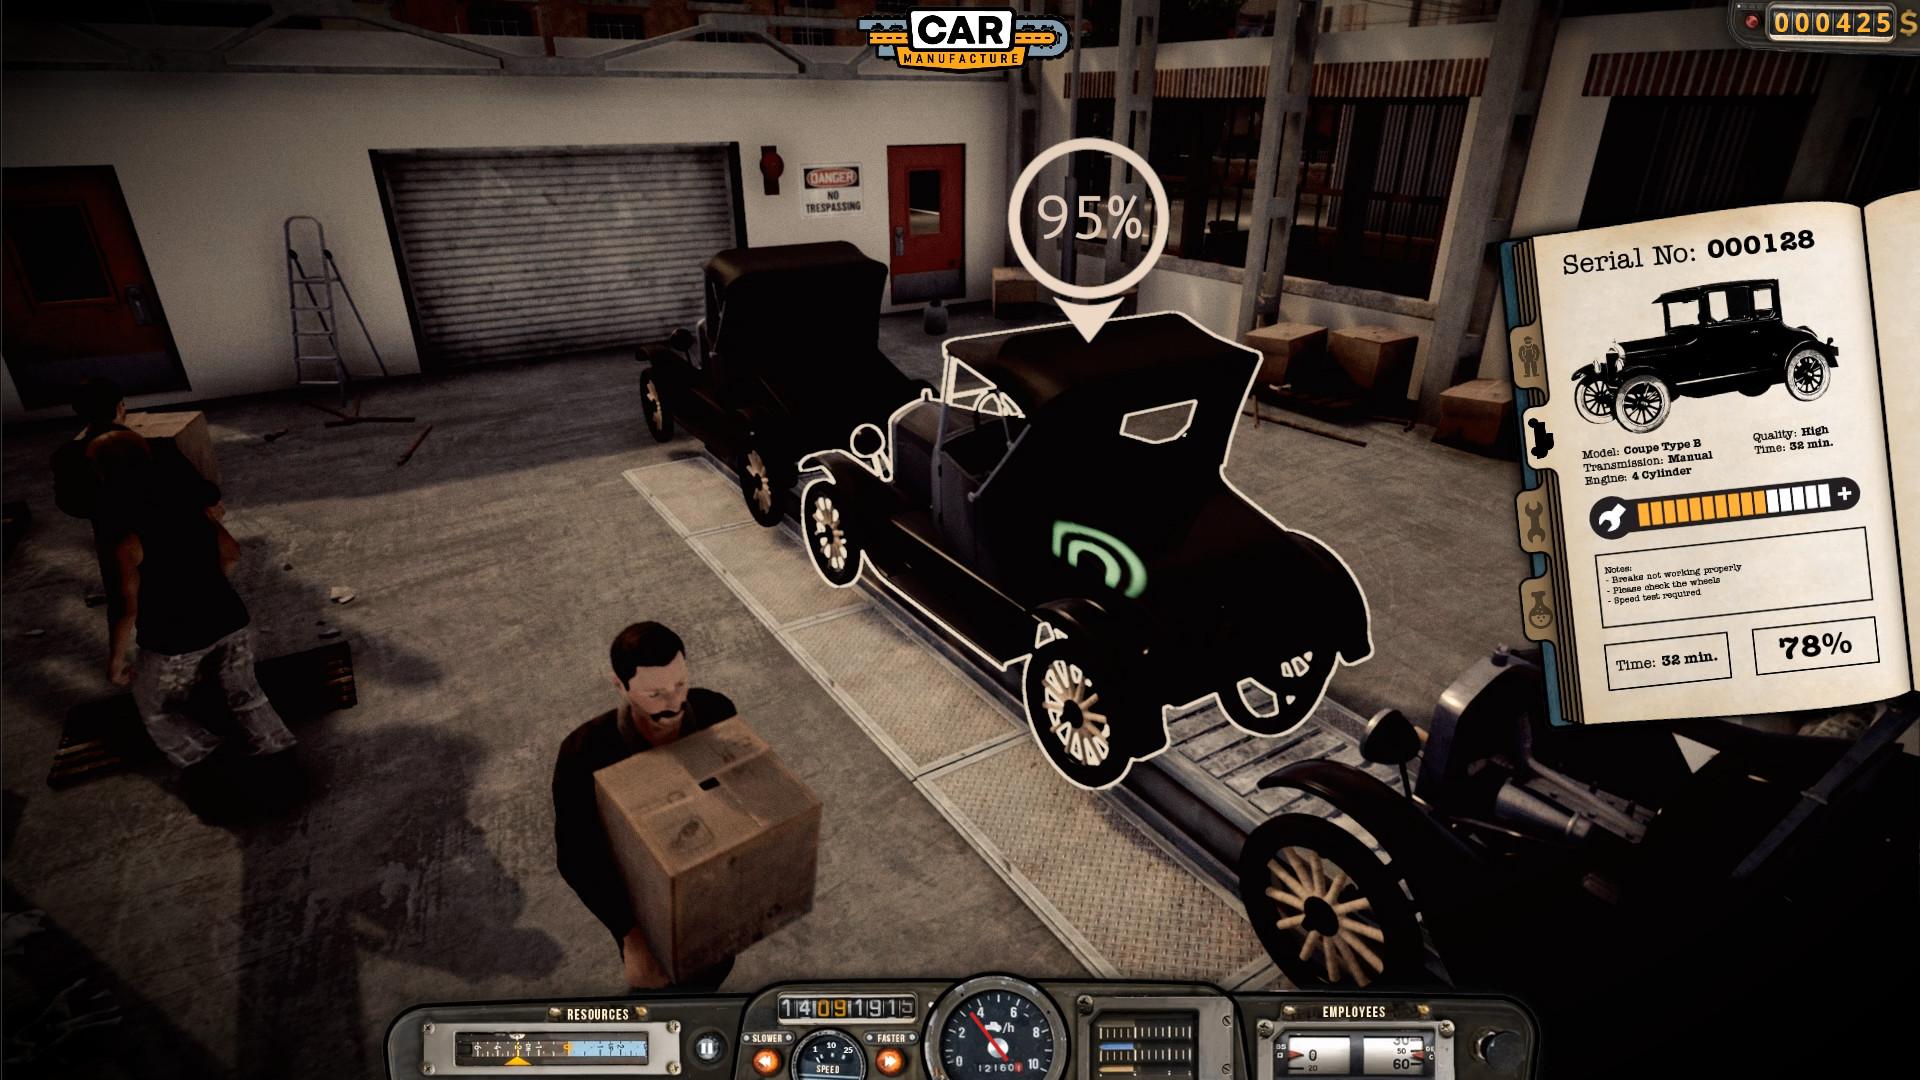 car game please